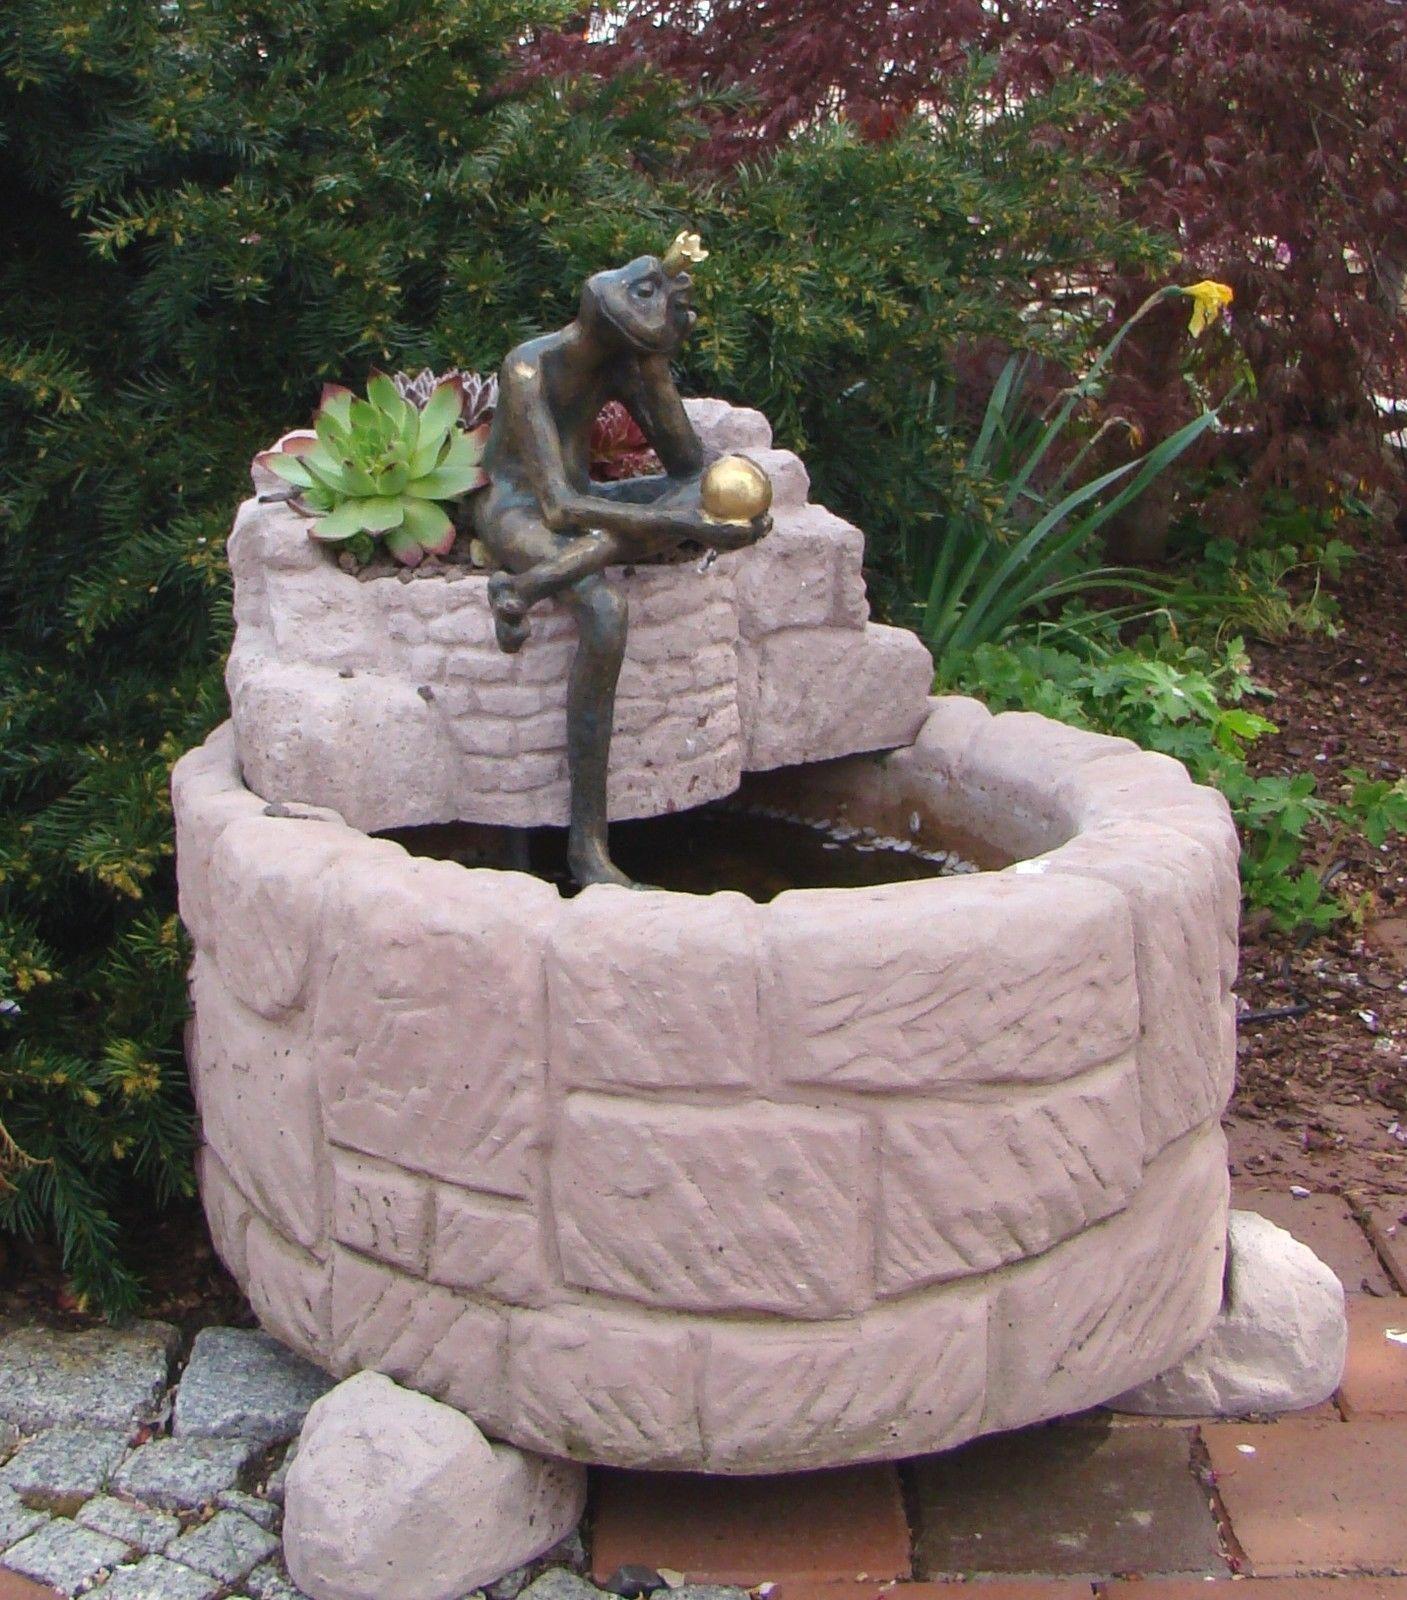 Springbrunnen Brunnen Wasserspiel Werksandstein Stein 107kg